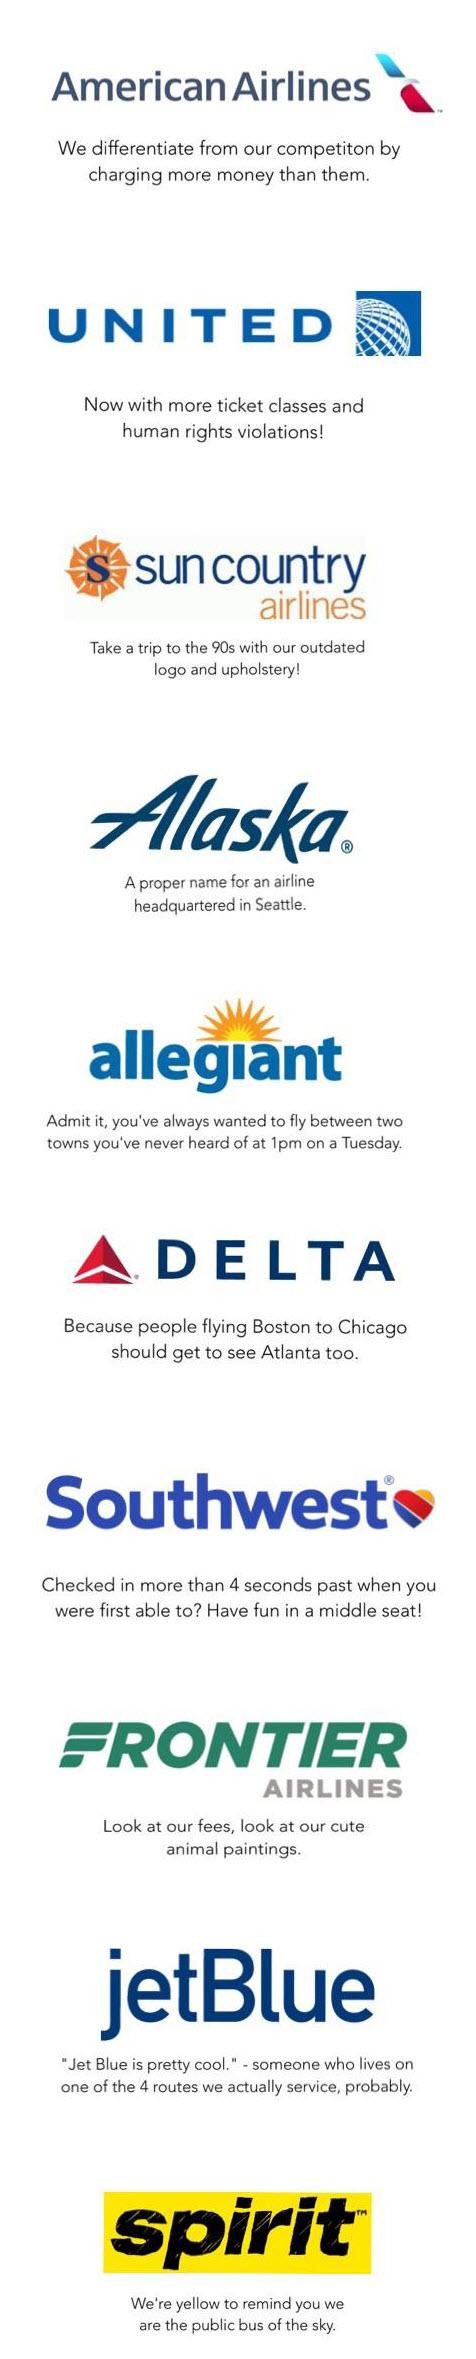 American Airlines Slogan : american, airlines, slogan, Airlines, Honest, Slogans, Pieces